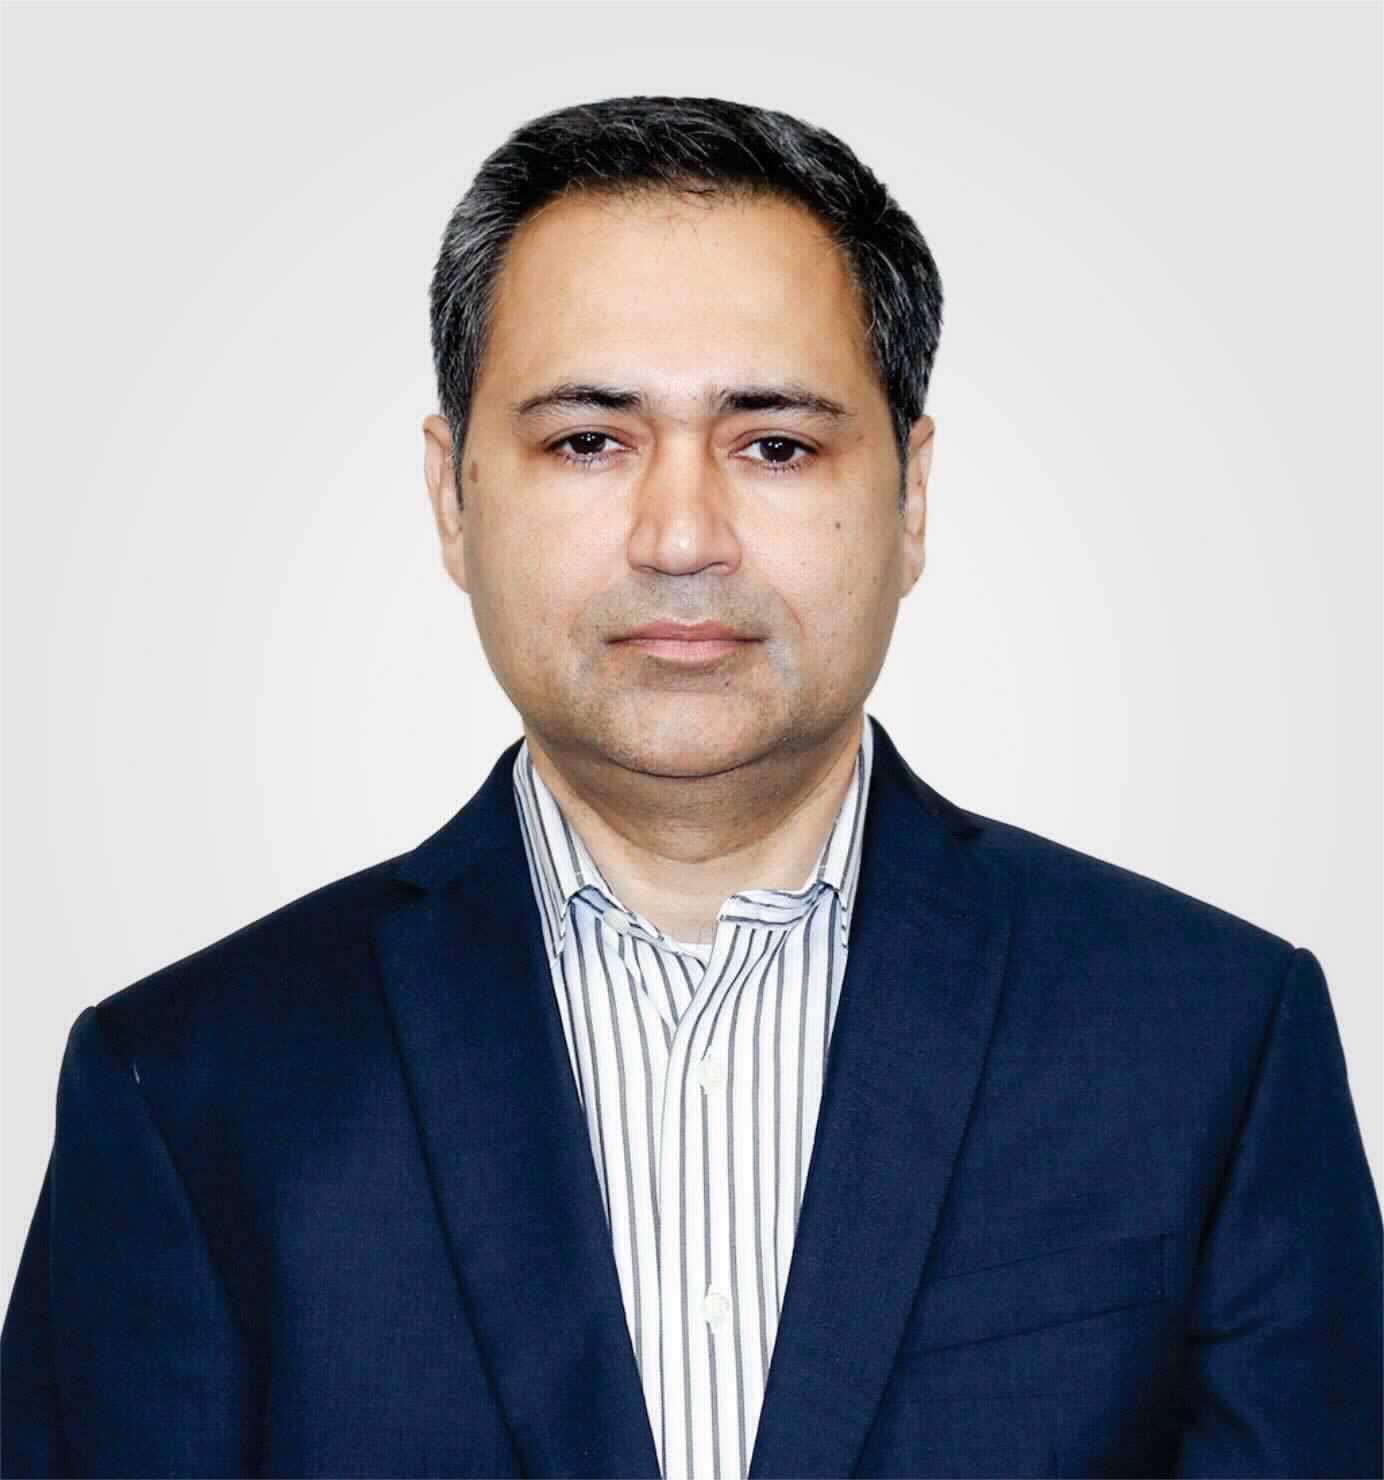 Saeed Zameer